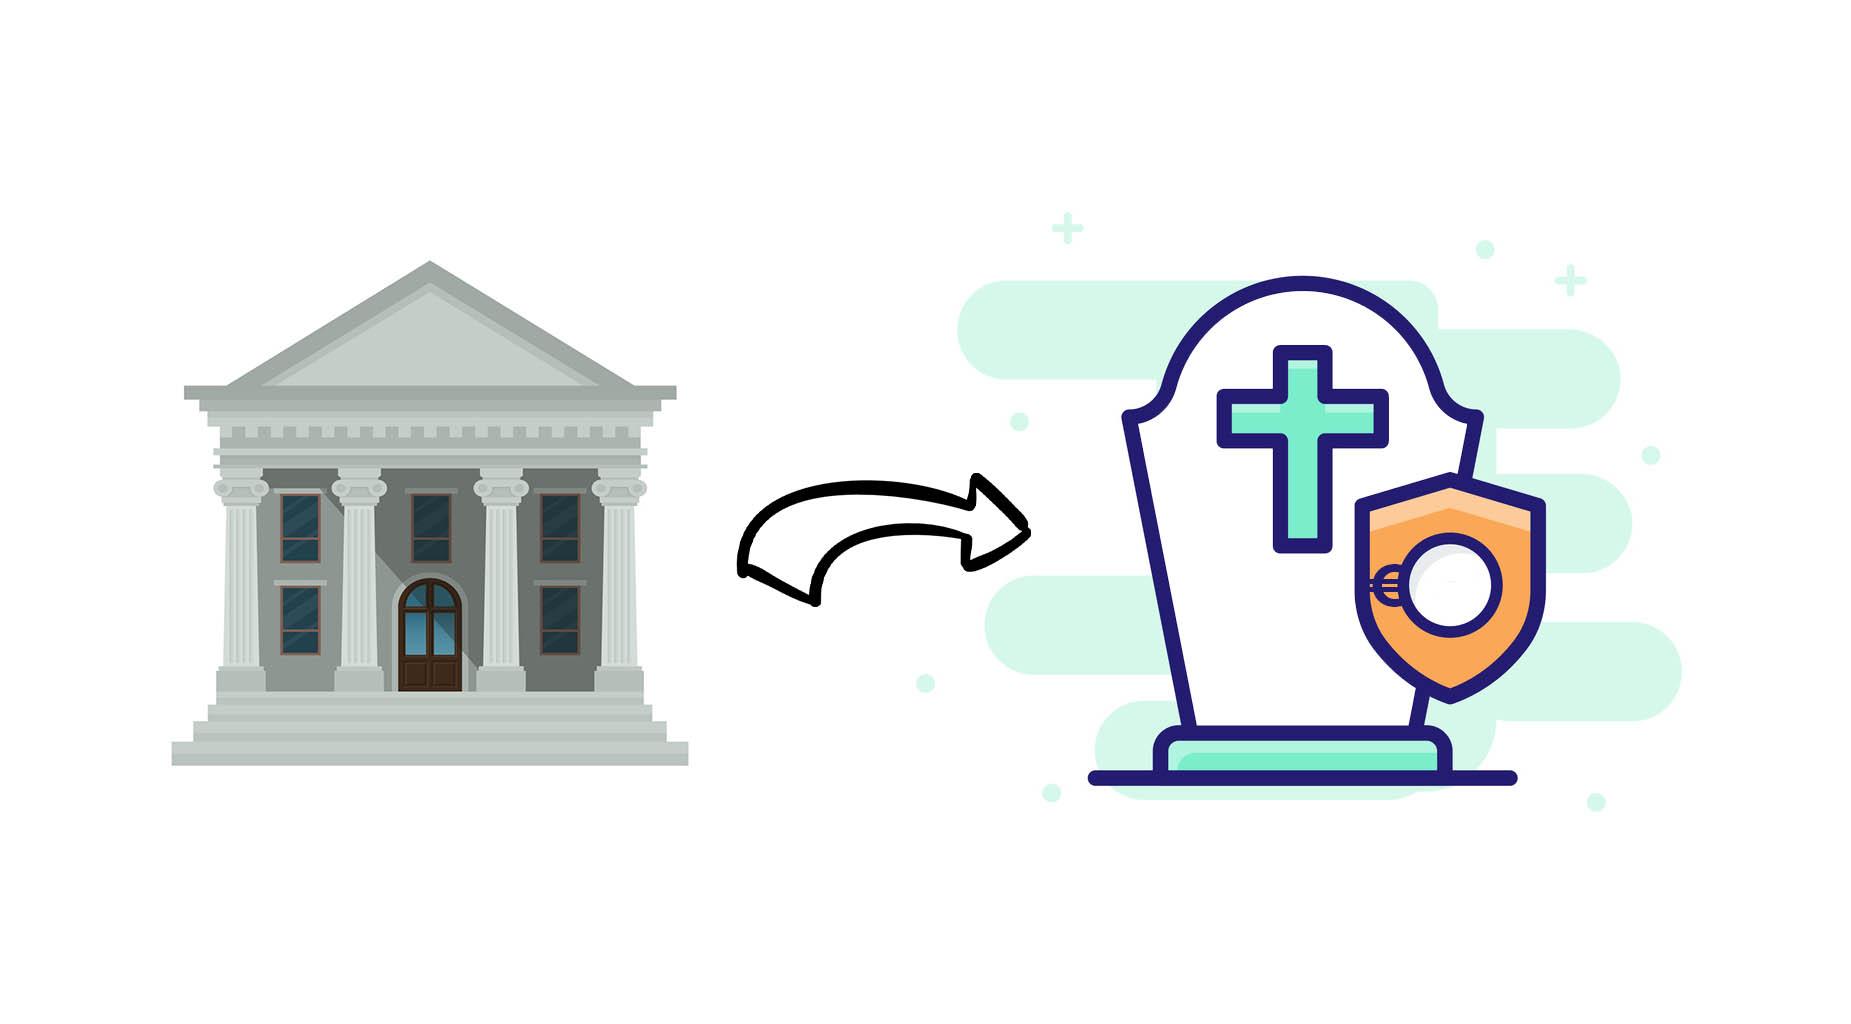 banque paye frais obsèques illustration